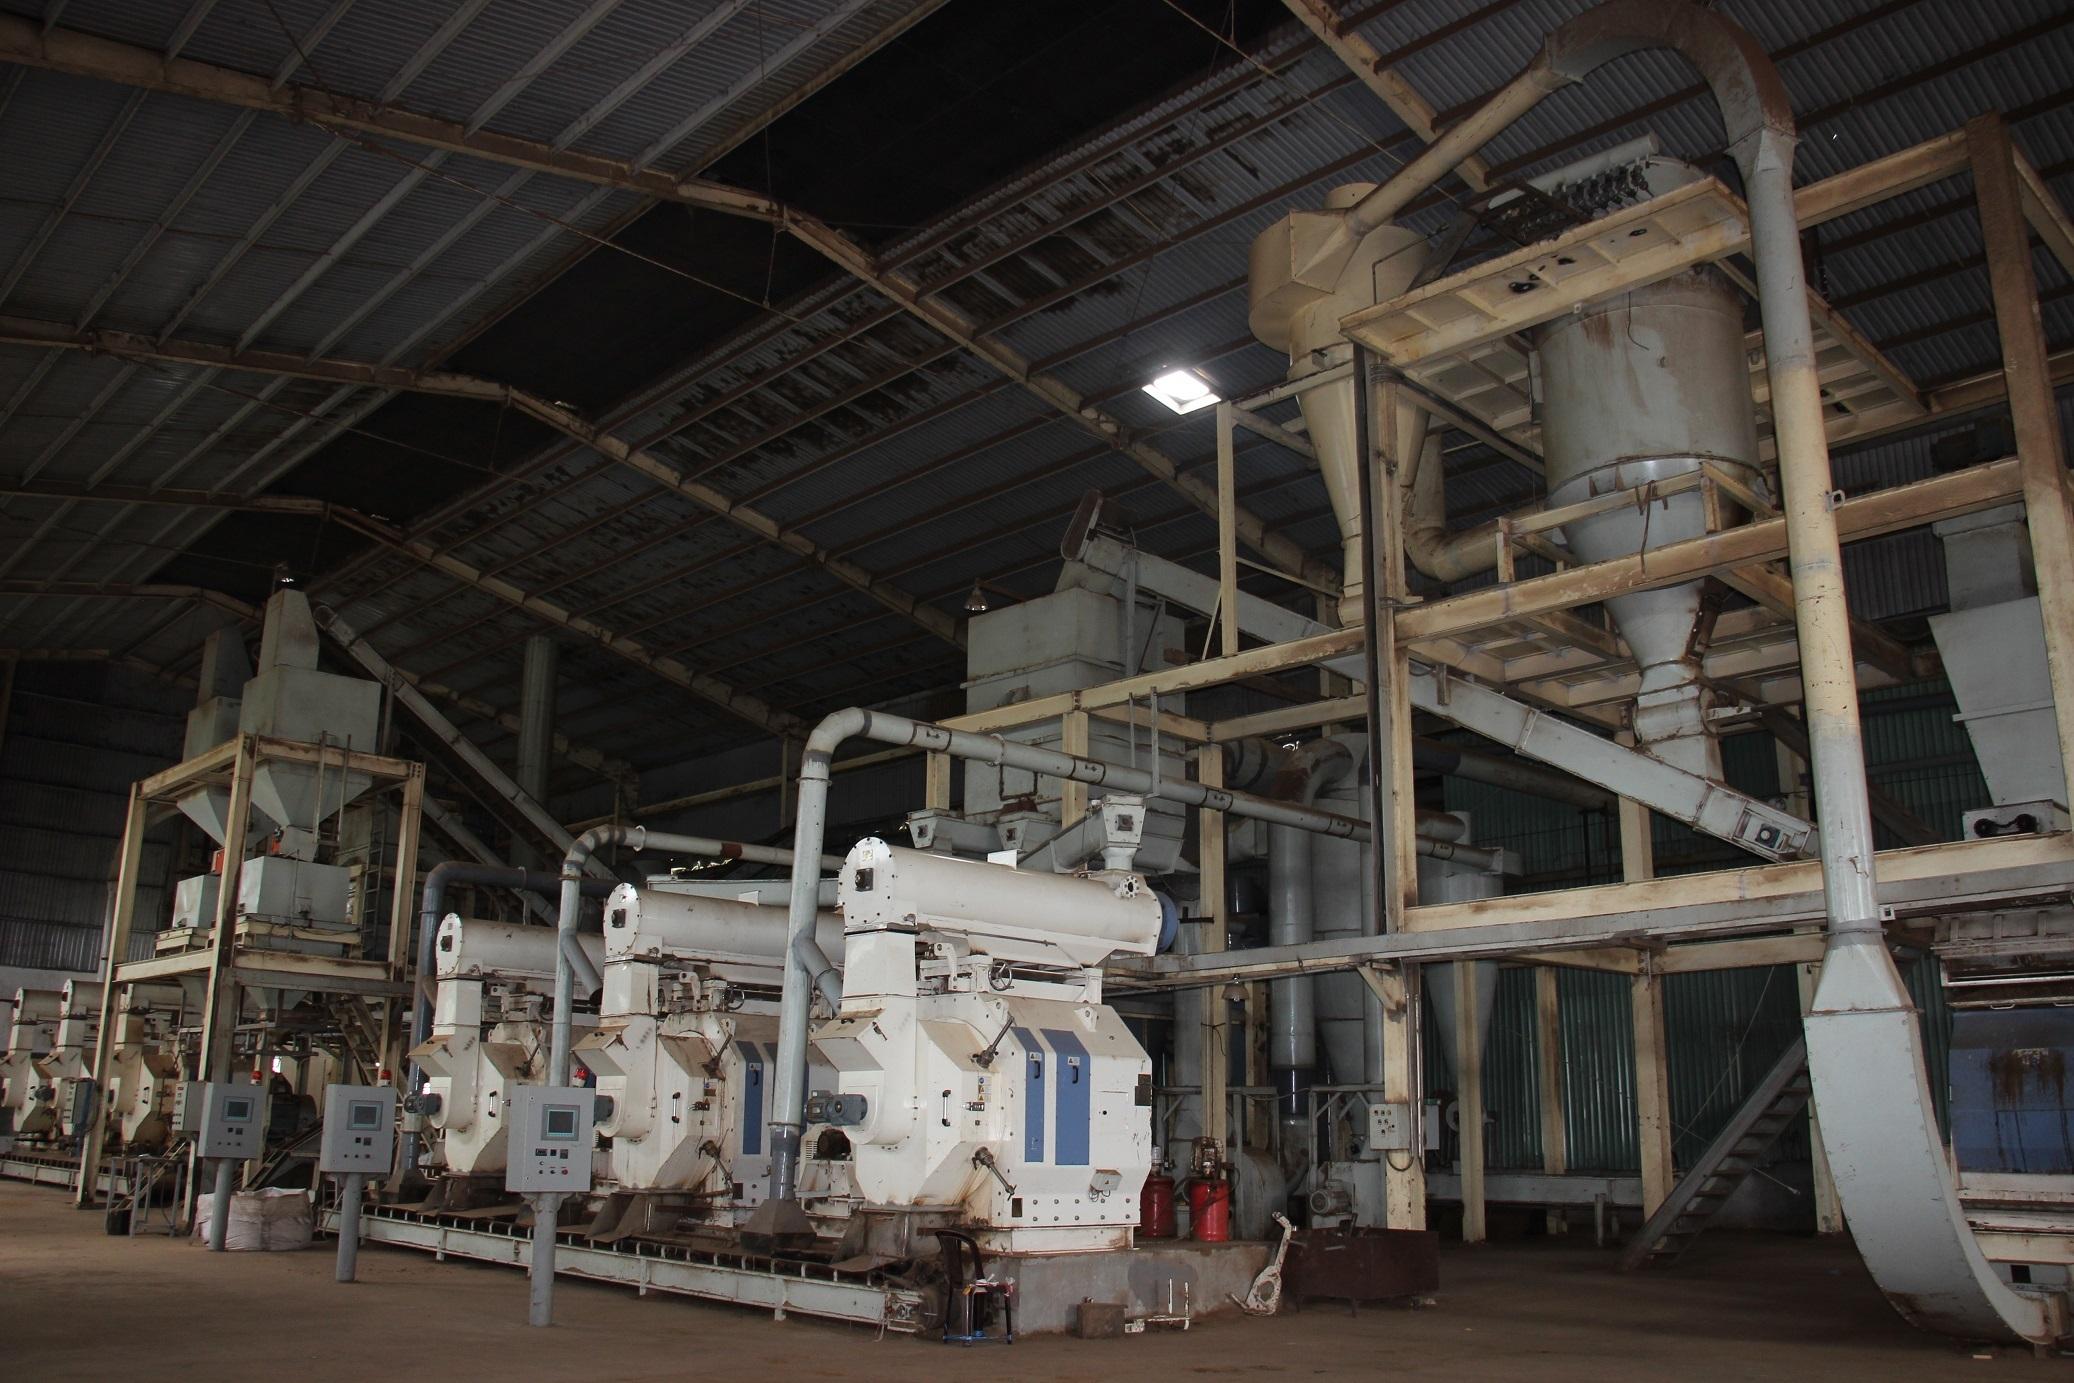 Dân phản ứng gay gắt yêu cầu Công ty CP năng lượng ThiệnMinh (ở xã Bình Nghi, huyện Tây Sơn) ngừng hoạt động vì gây ô nhiễm